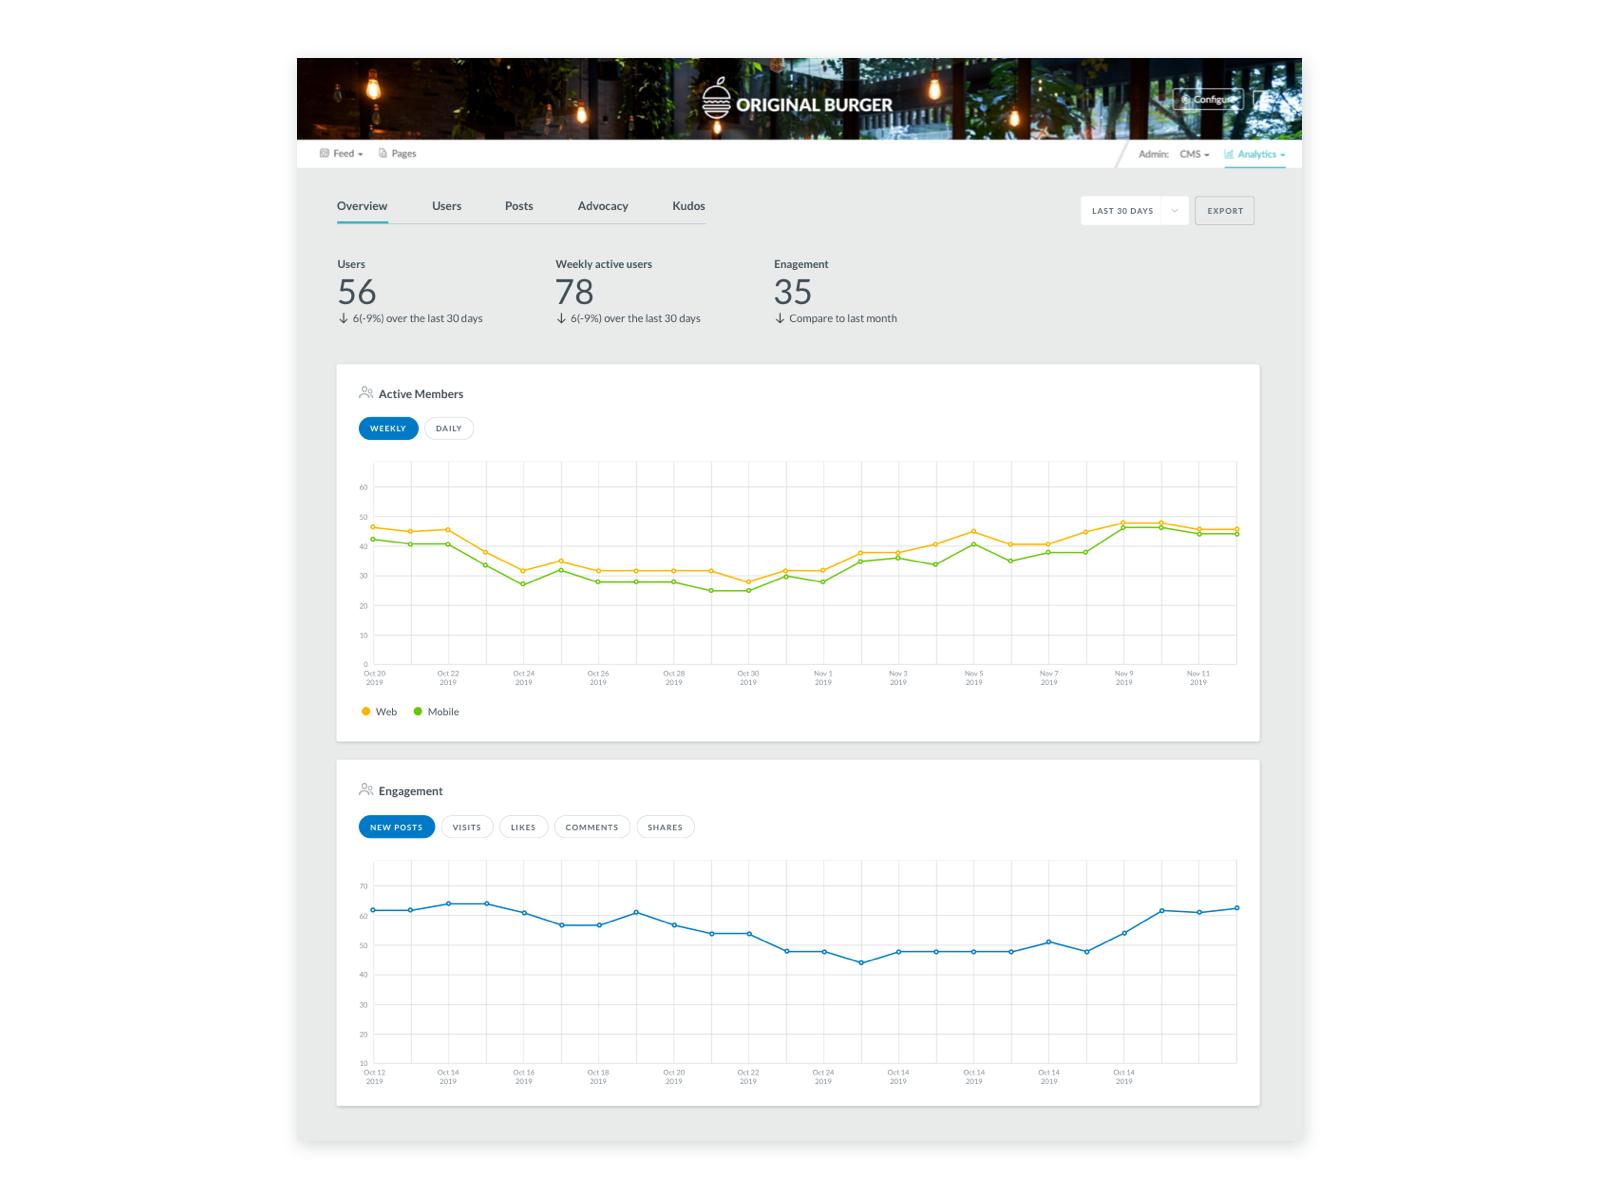 Employee engagement analytics